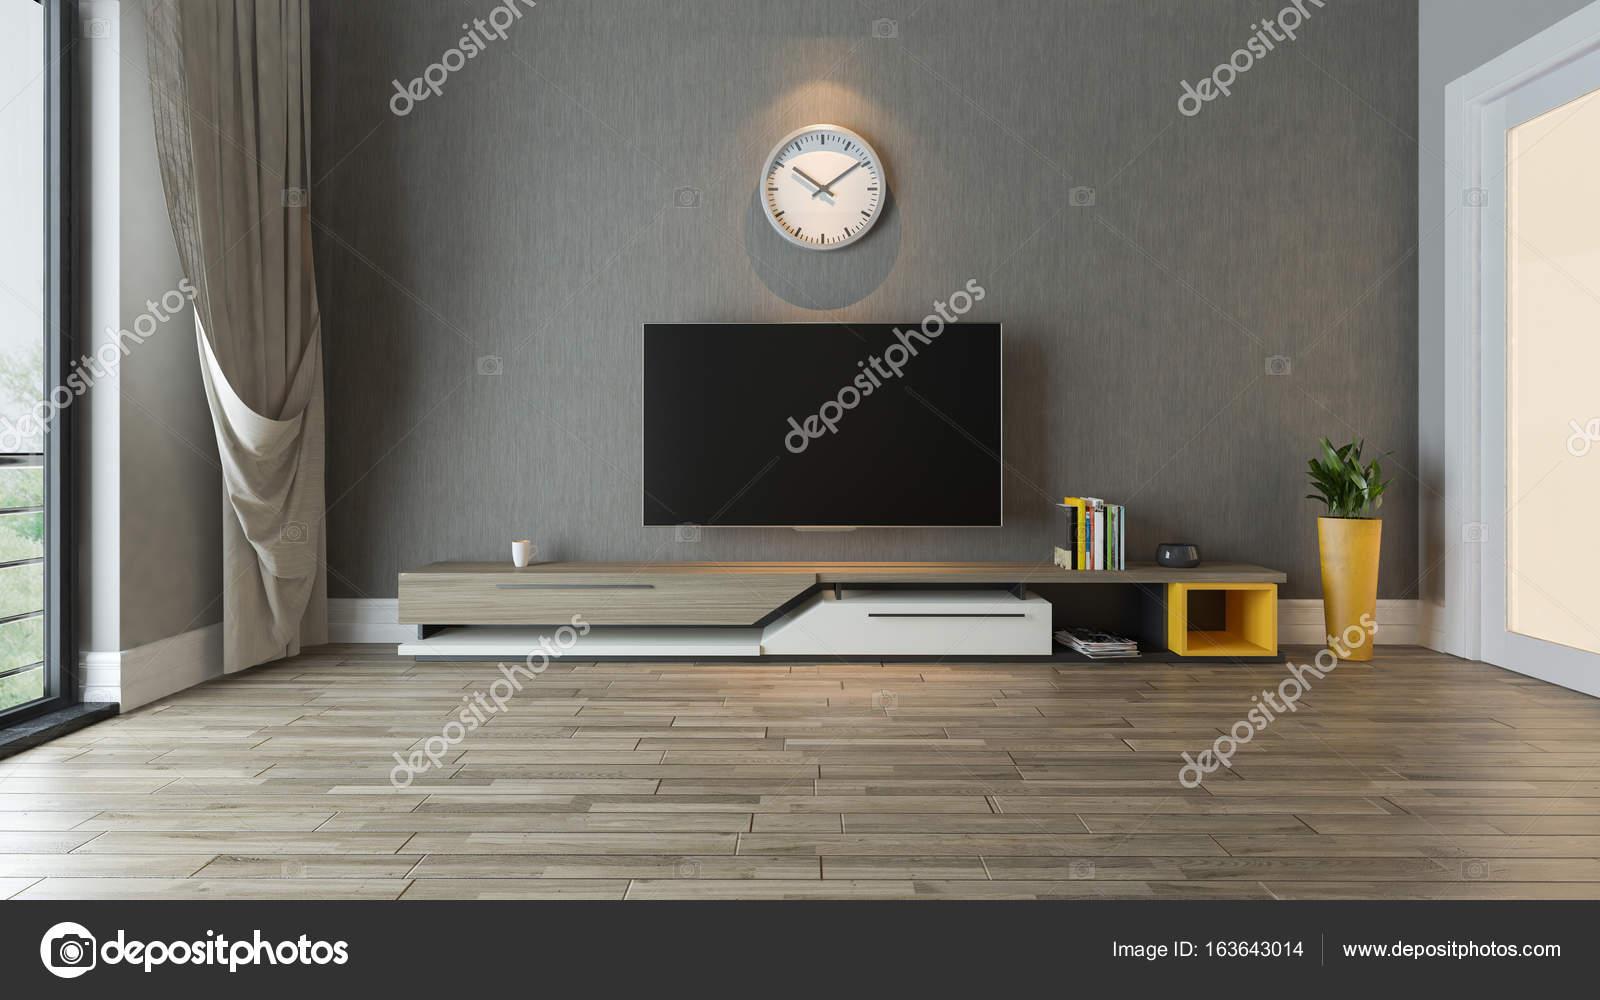 TV-Ständer in die Wohnzimmer Dekor-Idee — Stockfoto © sseven #163643014